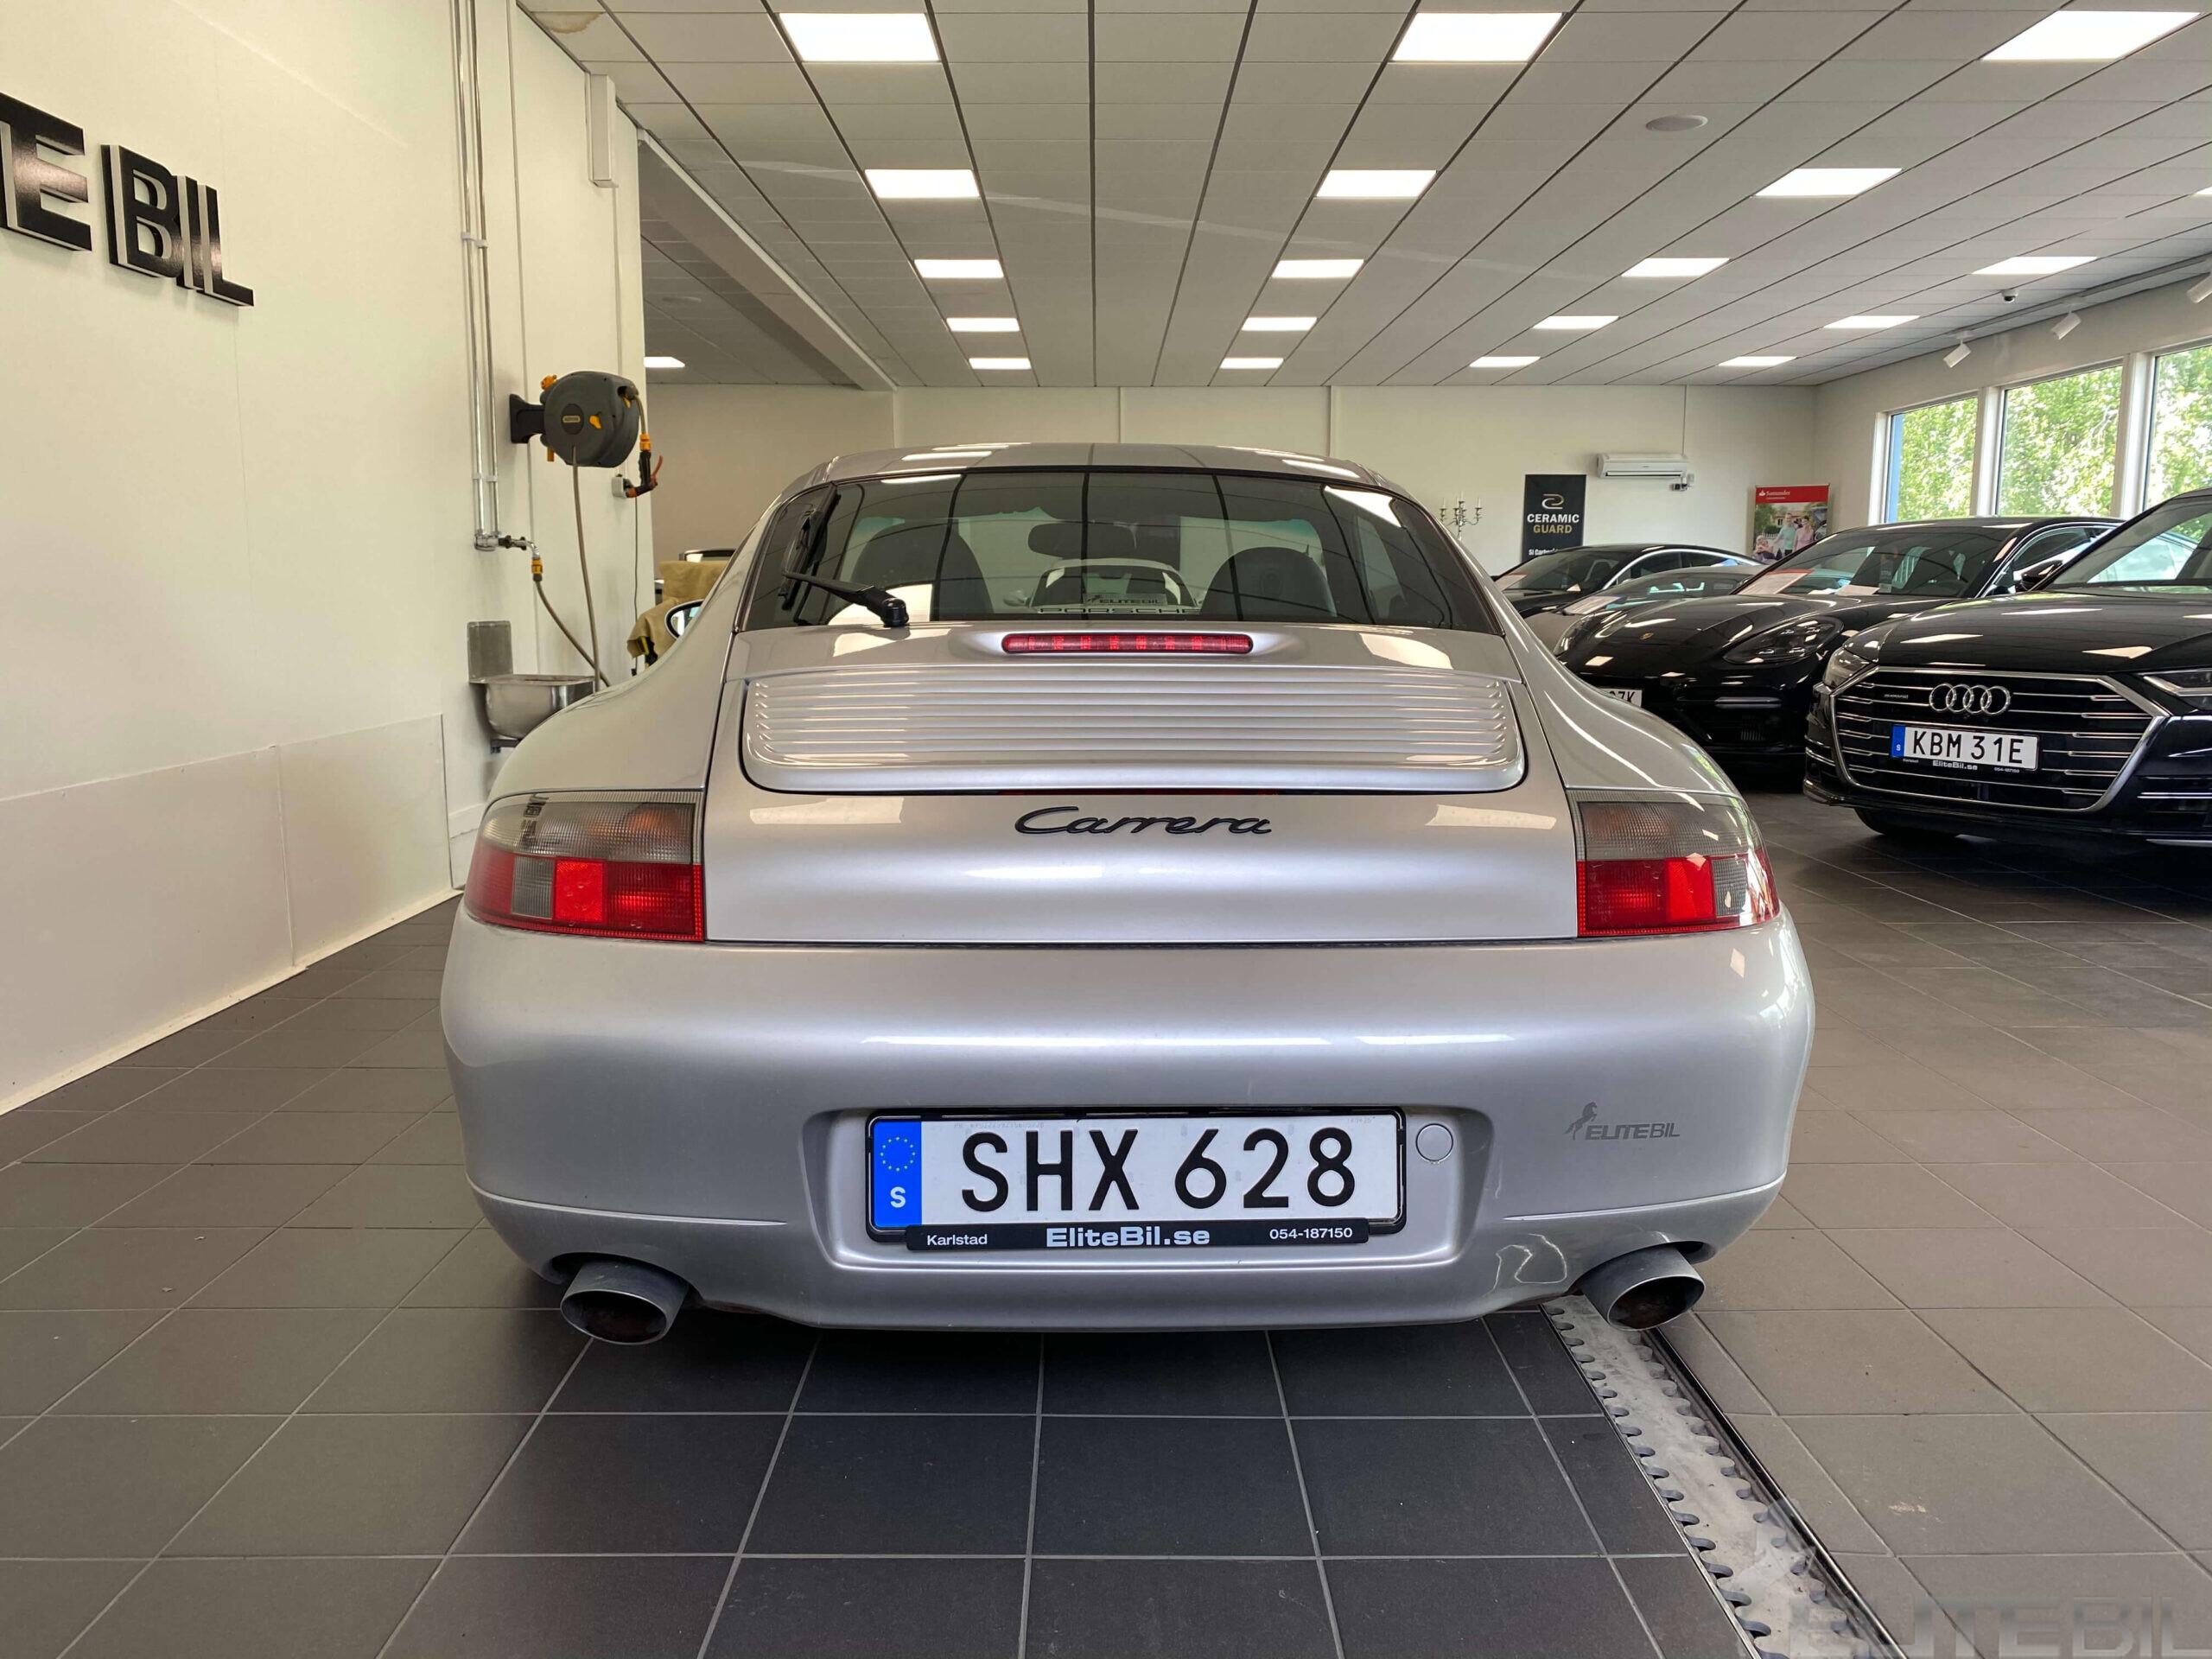 Porsche 911 996 Carrera 301hk Sv.Såld (4)